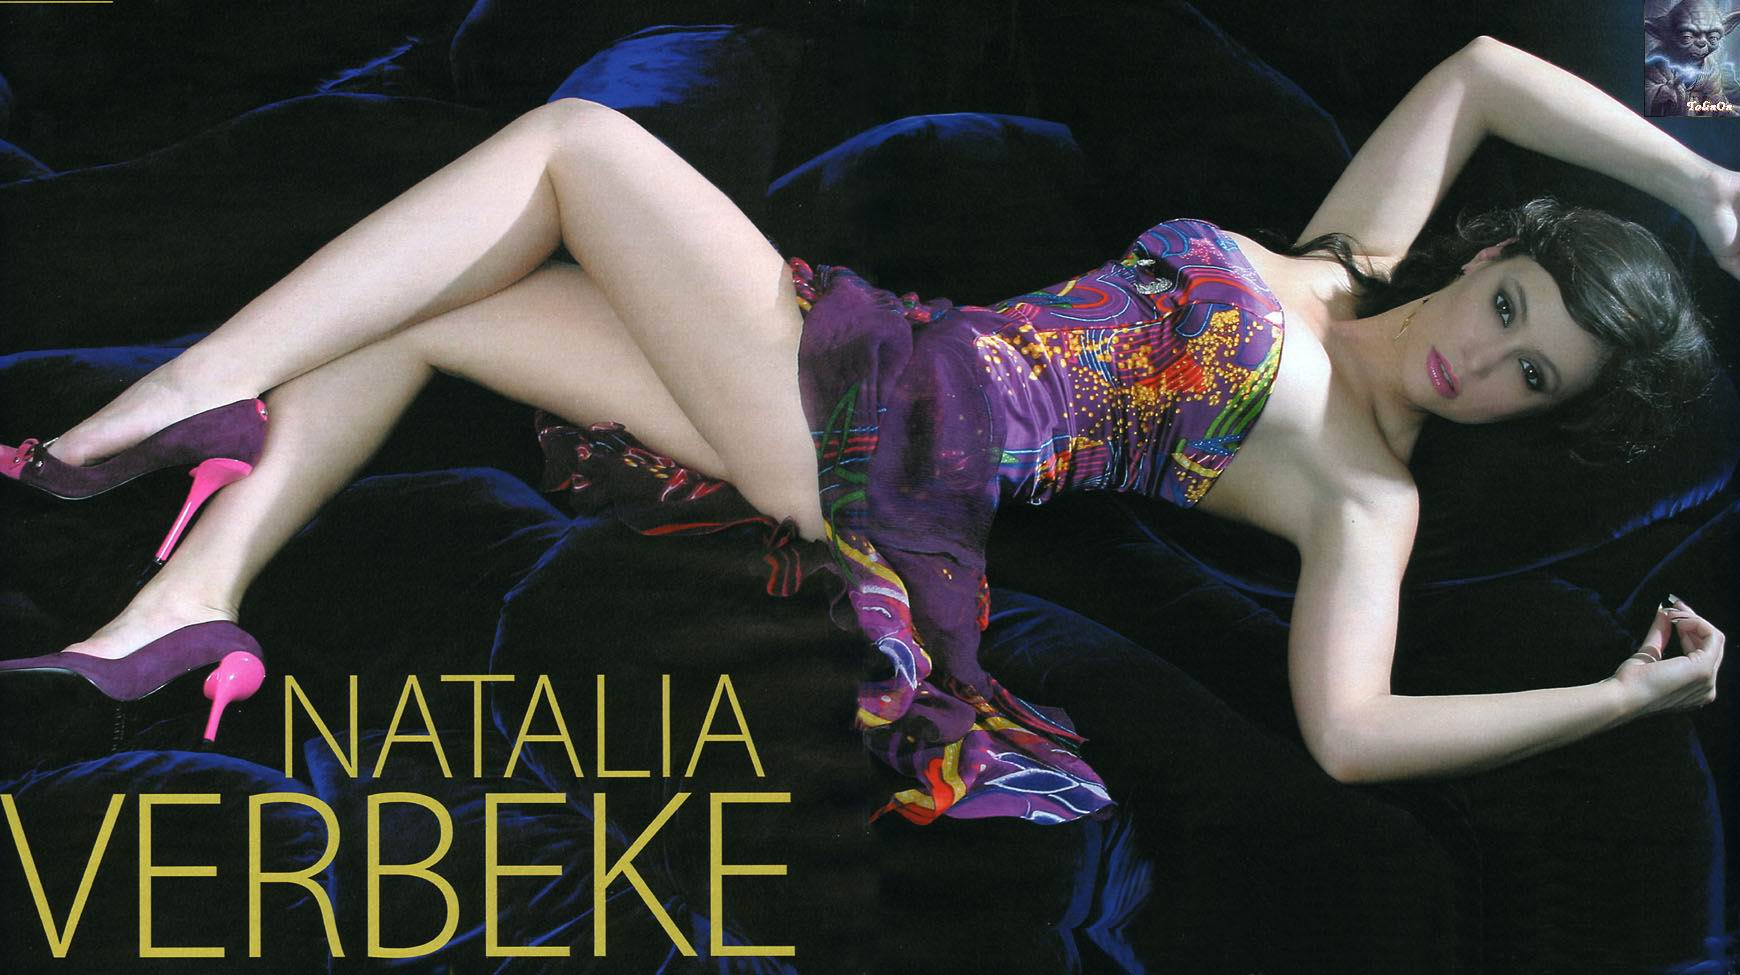 Natalia Verbeke Desnuda fotos de natalia verbeke desnuda - página 3 - fotos de